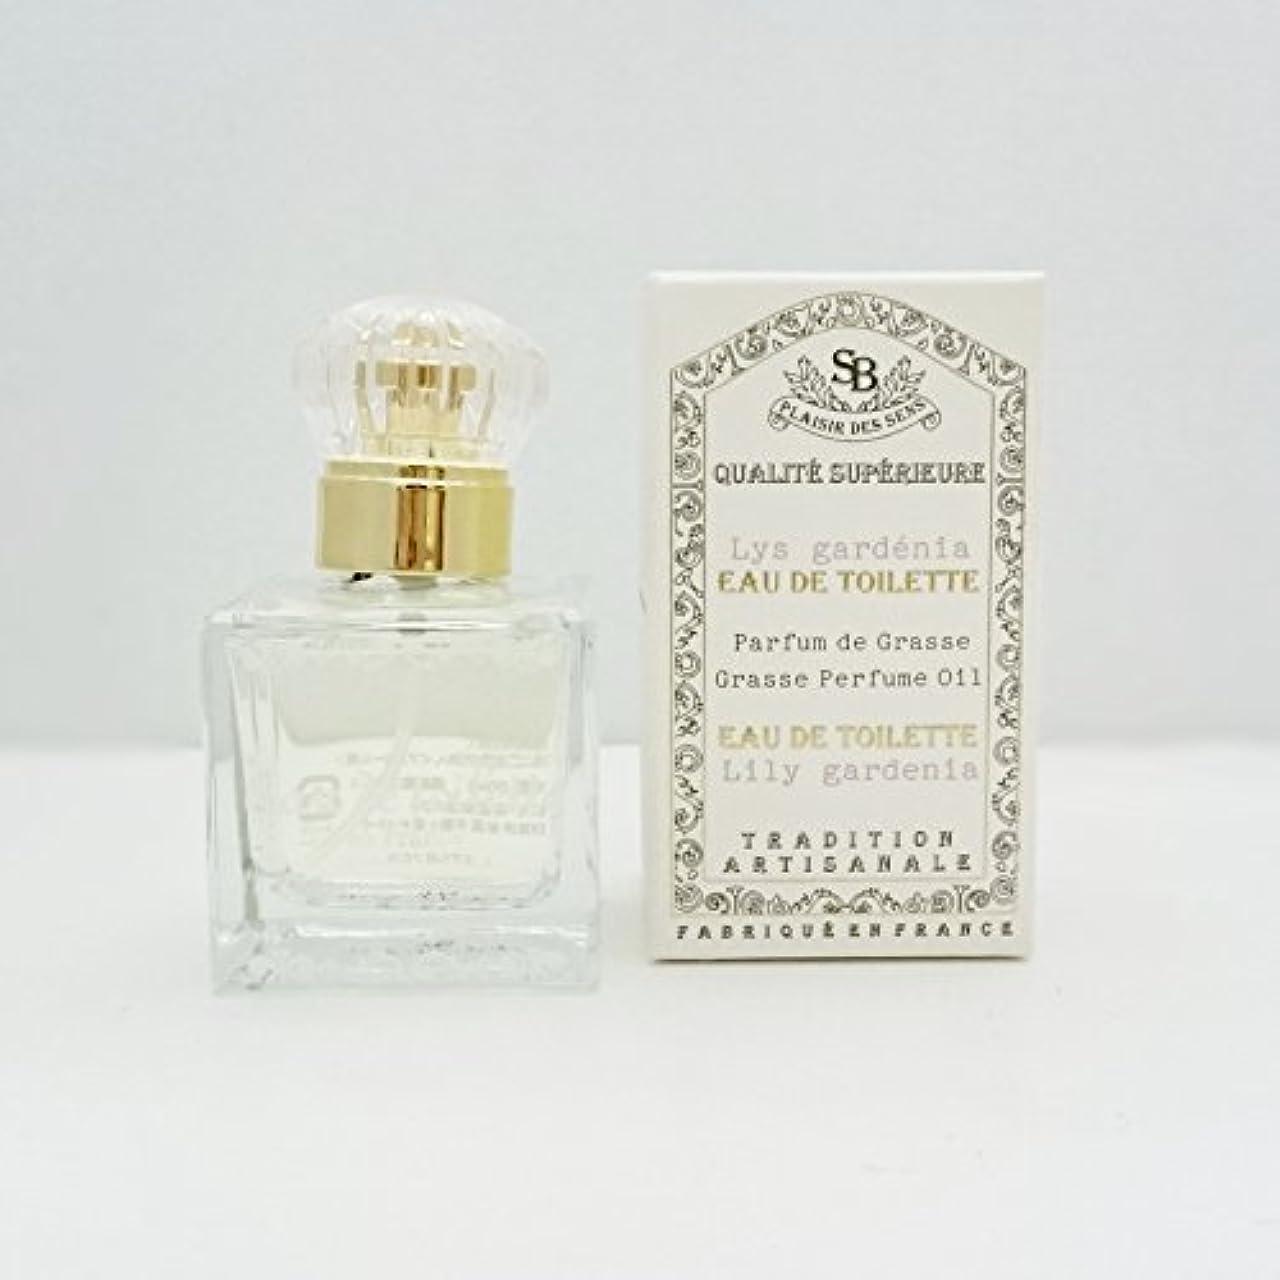 札入れ鰐書くSenteur et Beaute(サンタールエボーテ) フレンチクラシックシリーズ オードトワレ 30ml 「リリーガーデニア」 4994228021915